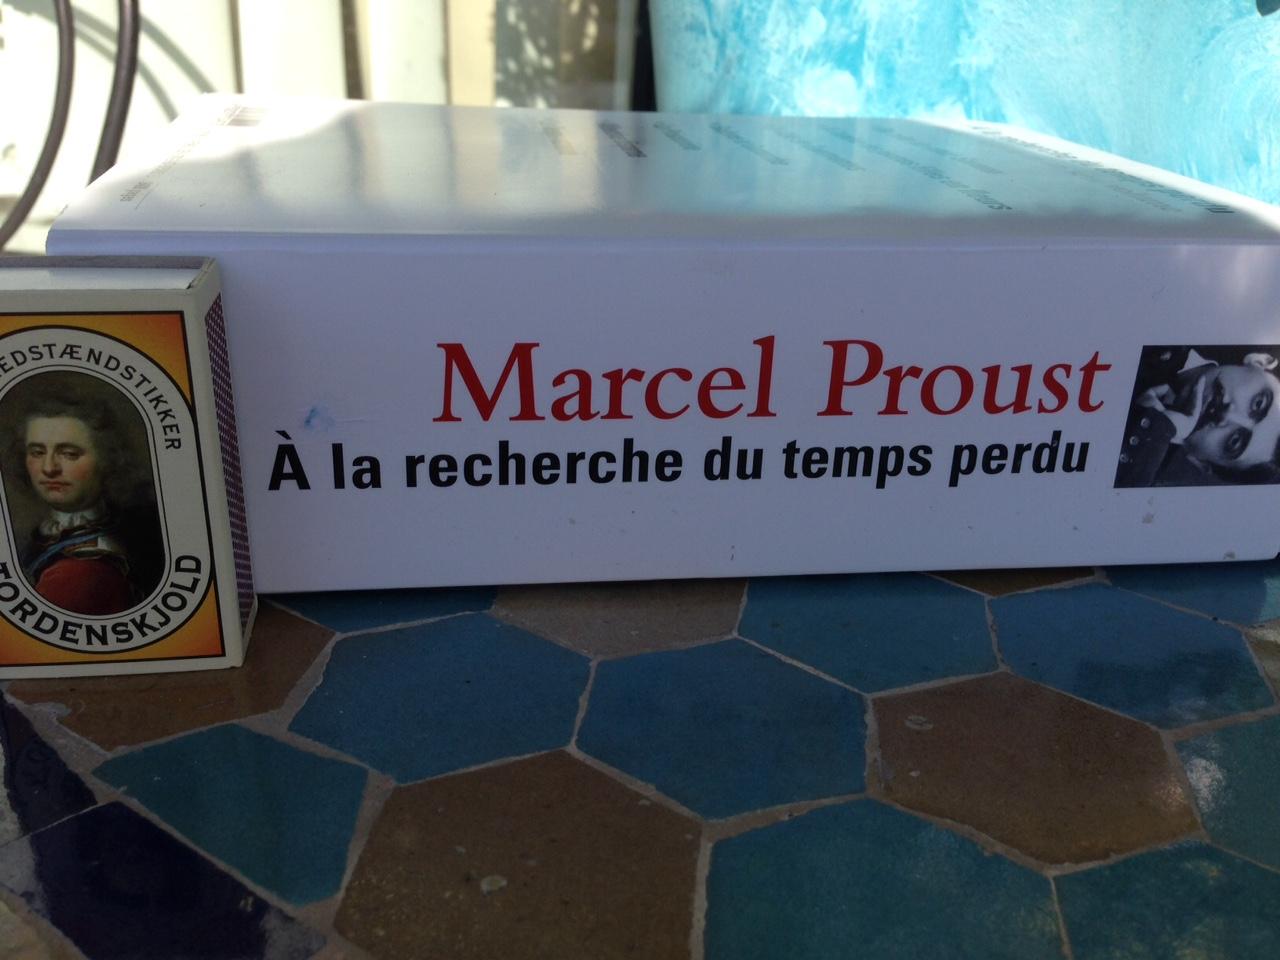 Proust ryg